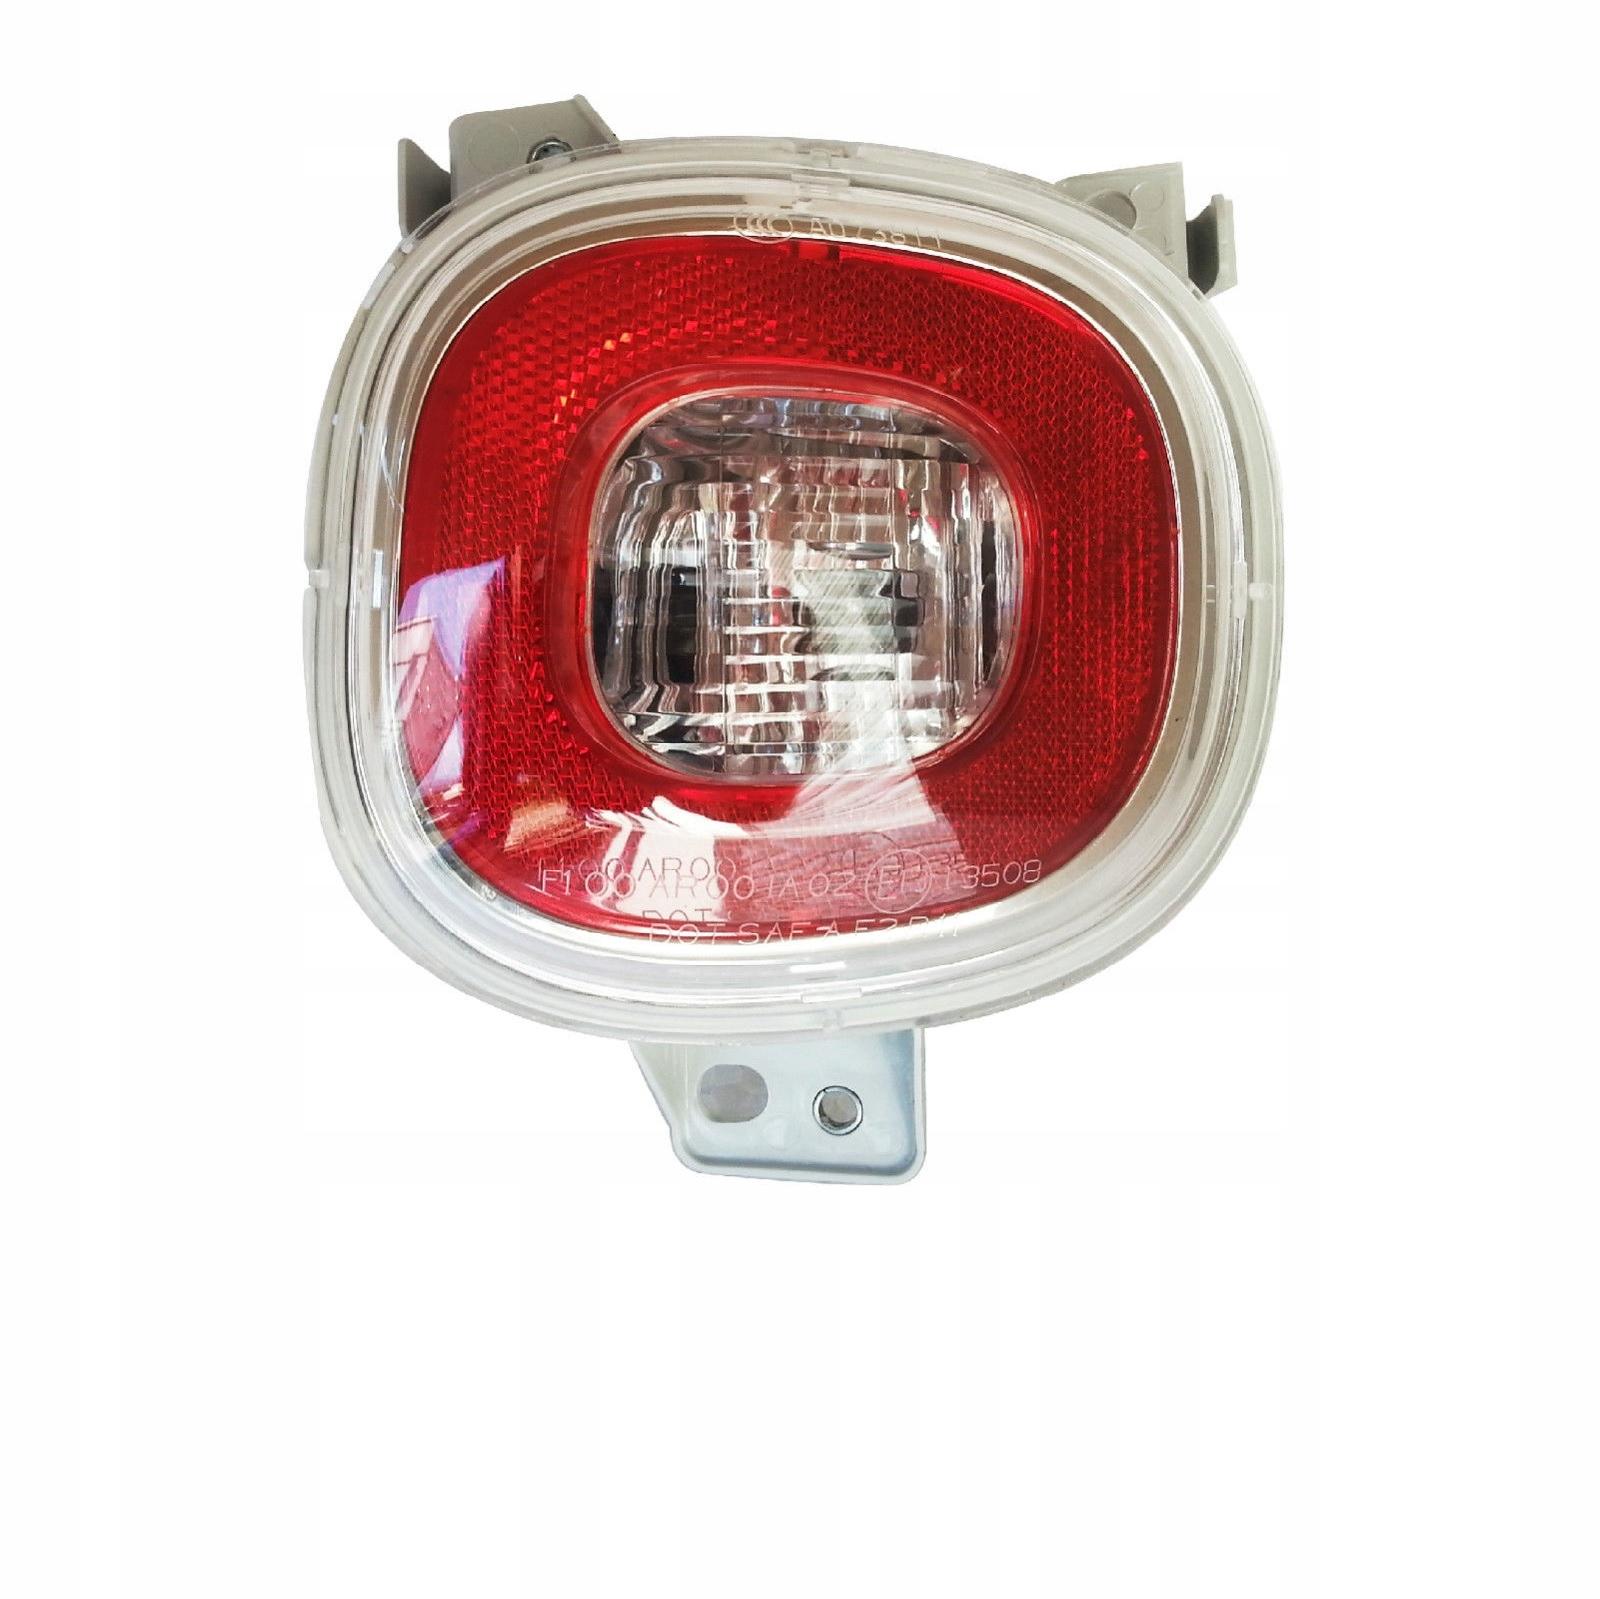 лампа заднего вида fiat 500l новая оригинальная